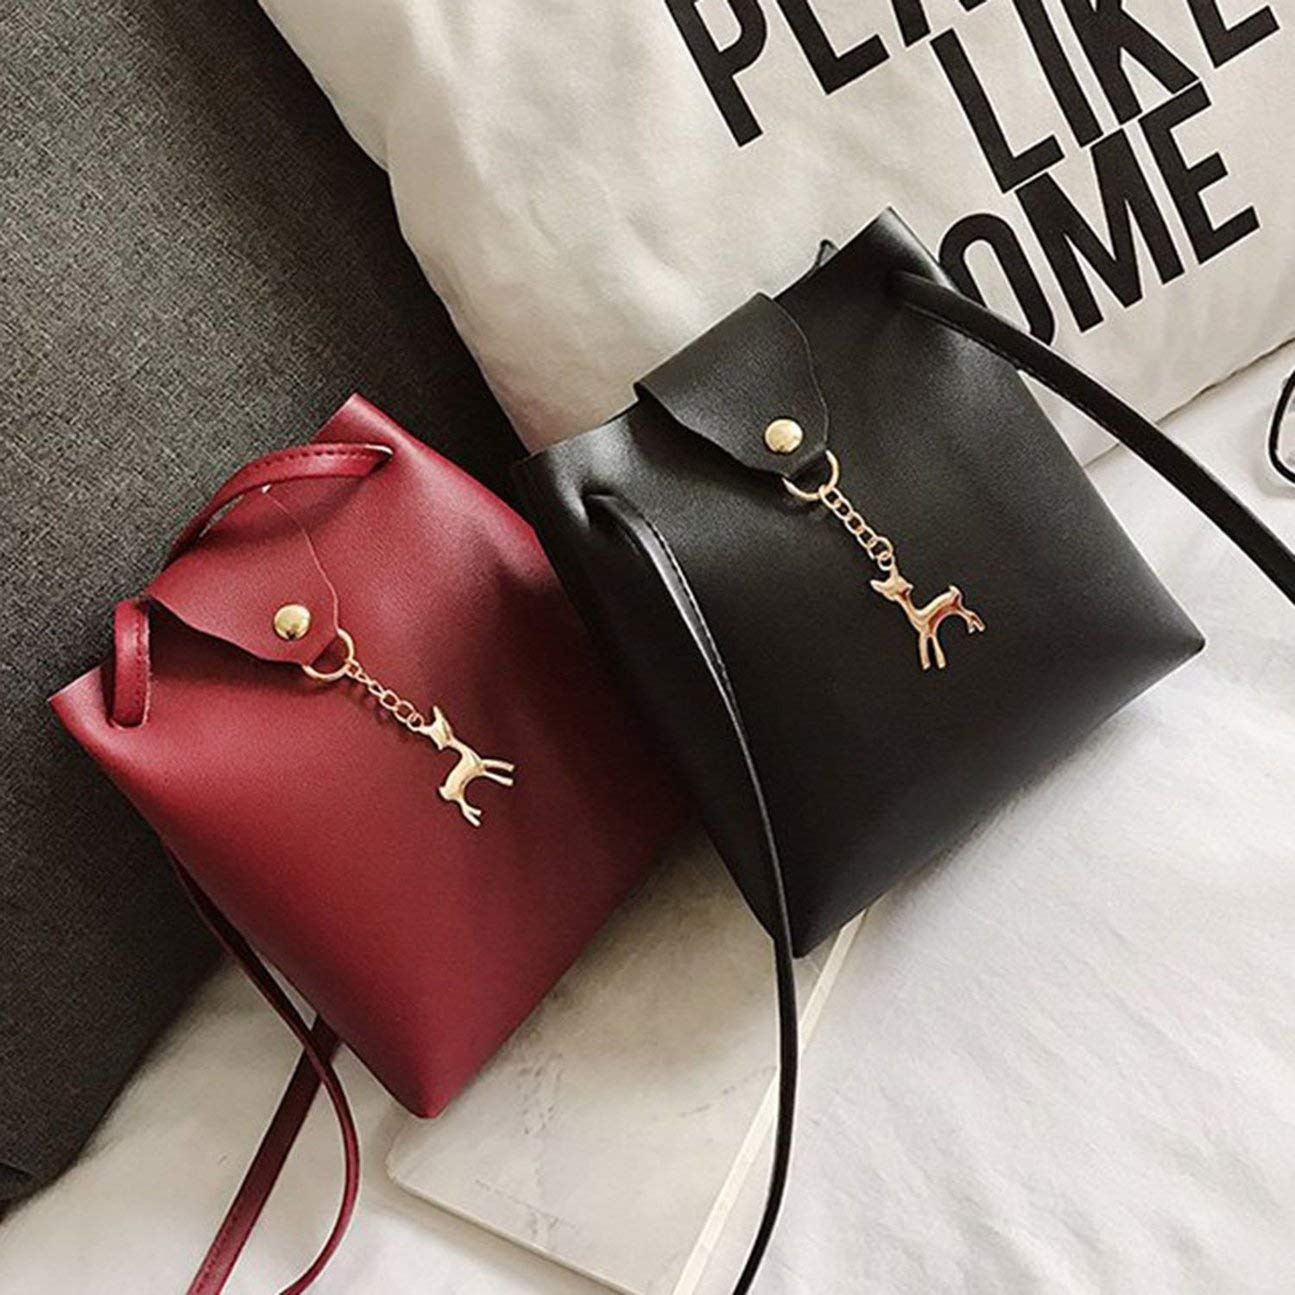 DeerWomen Vintage Soft Handbag Sac /à bandouli/ère couleur unie Sac /à main portable Sac de rangement avec bandouli/ère r/églable noir